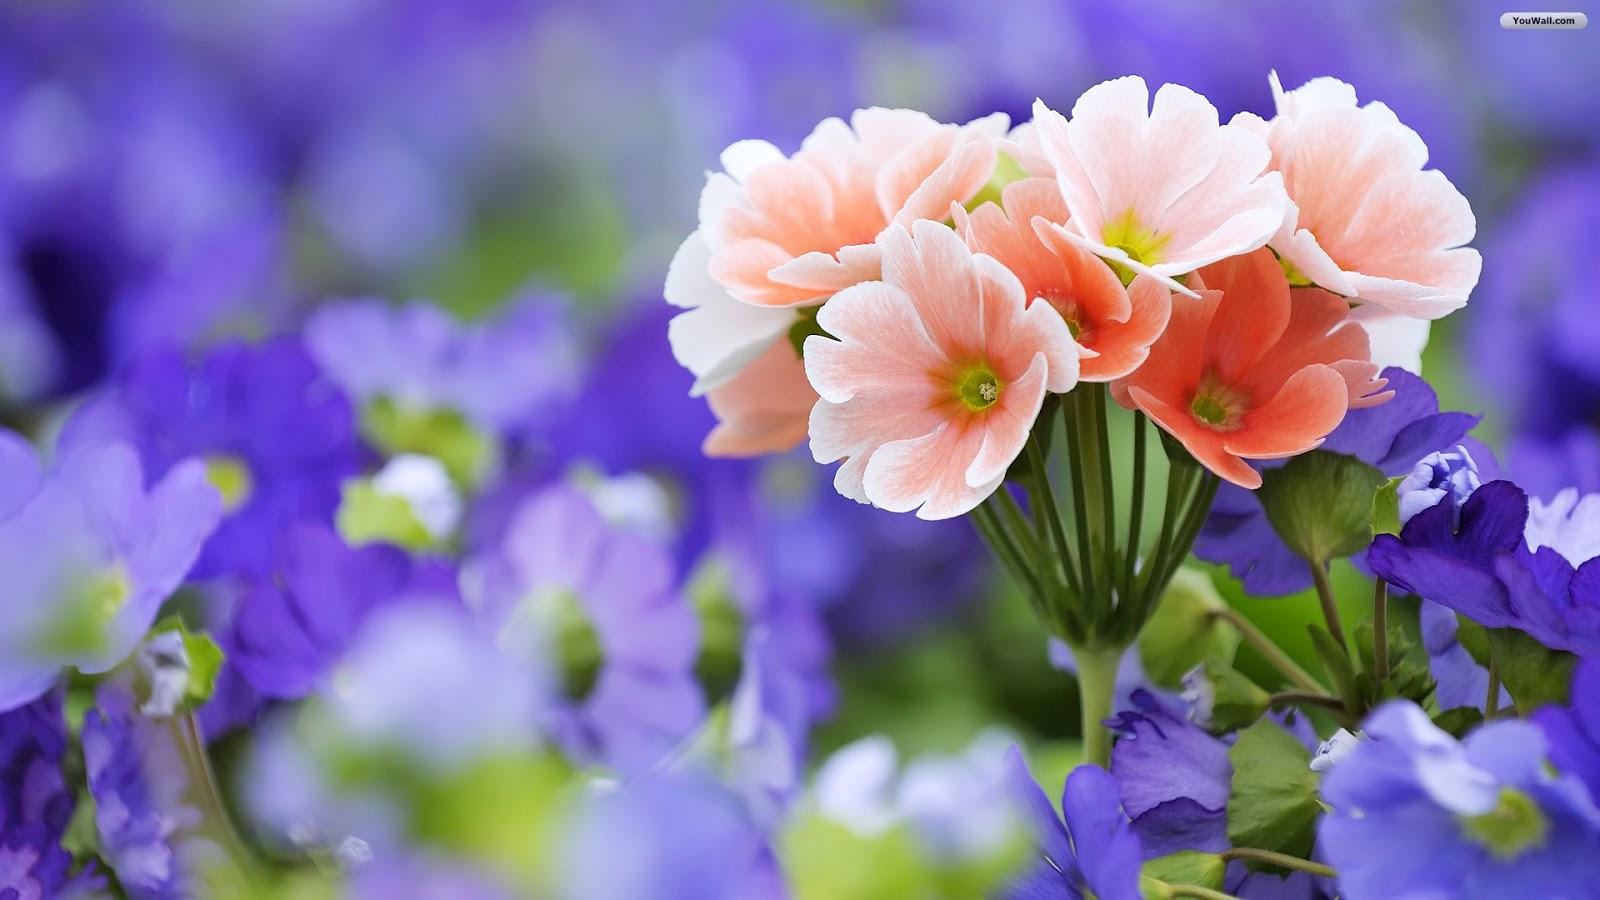 flowers for flower lovers Desktop Beautiful Flowers HD Wallpapers 1600x900